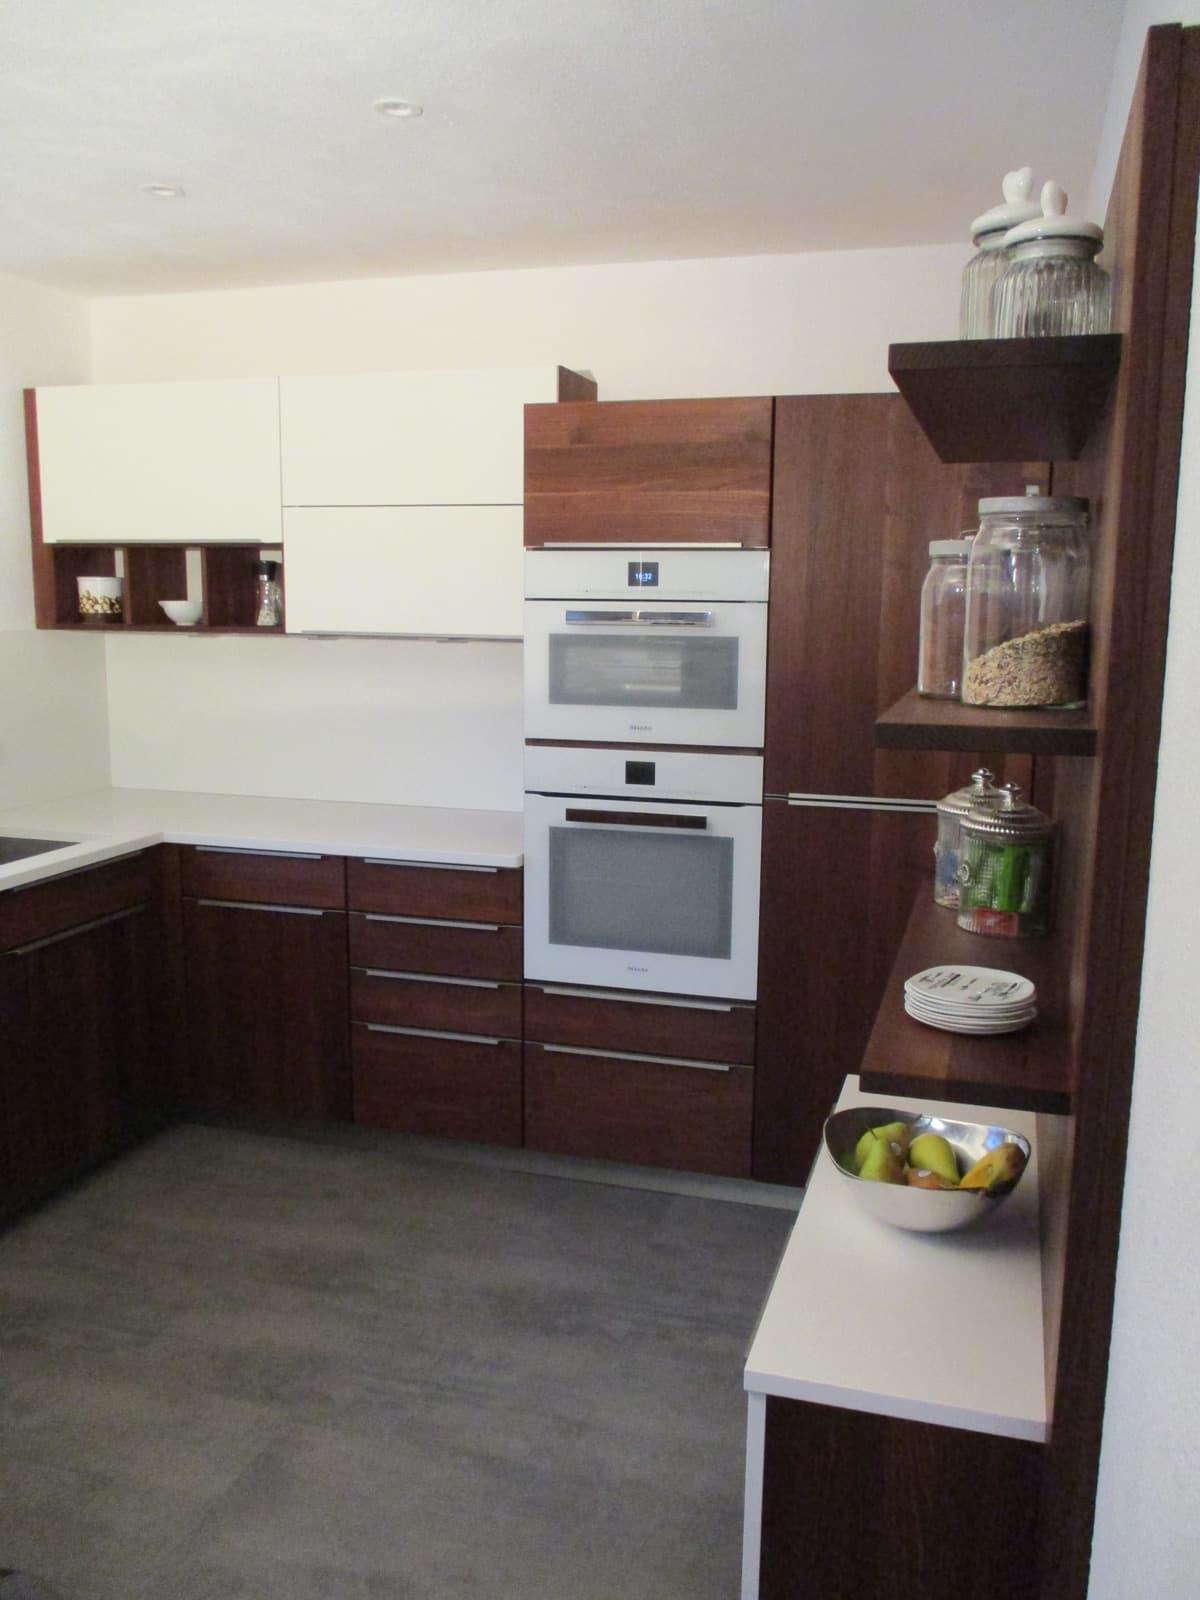 Massivholzküche in Akazie und Farb-Akzenten in deckend matt lackiert, Arbeitsplatte in Quarzstein